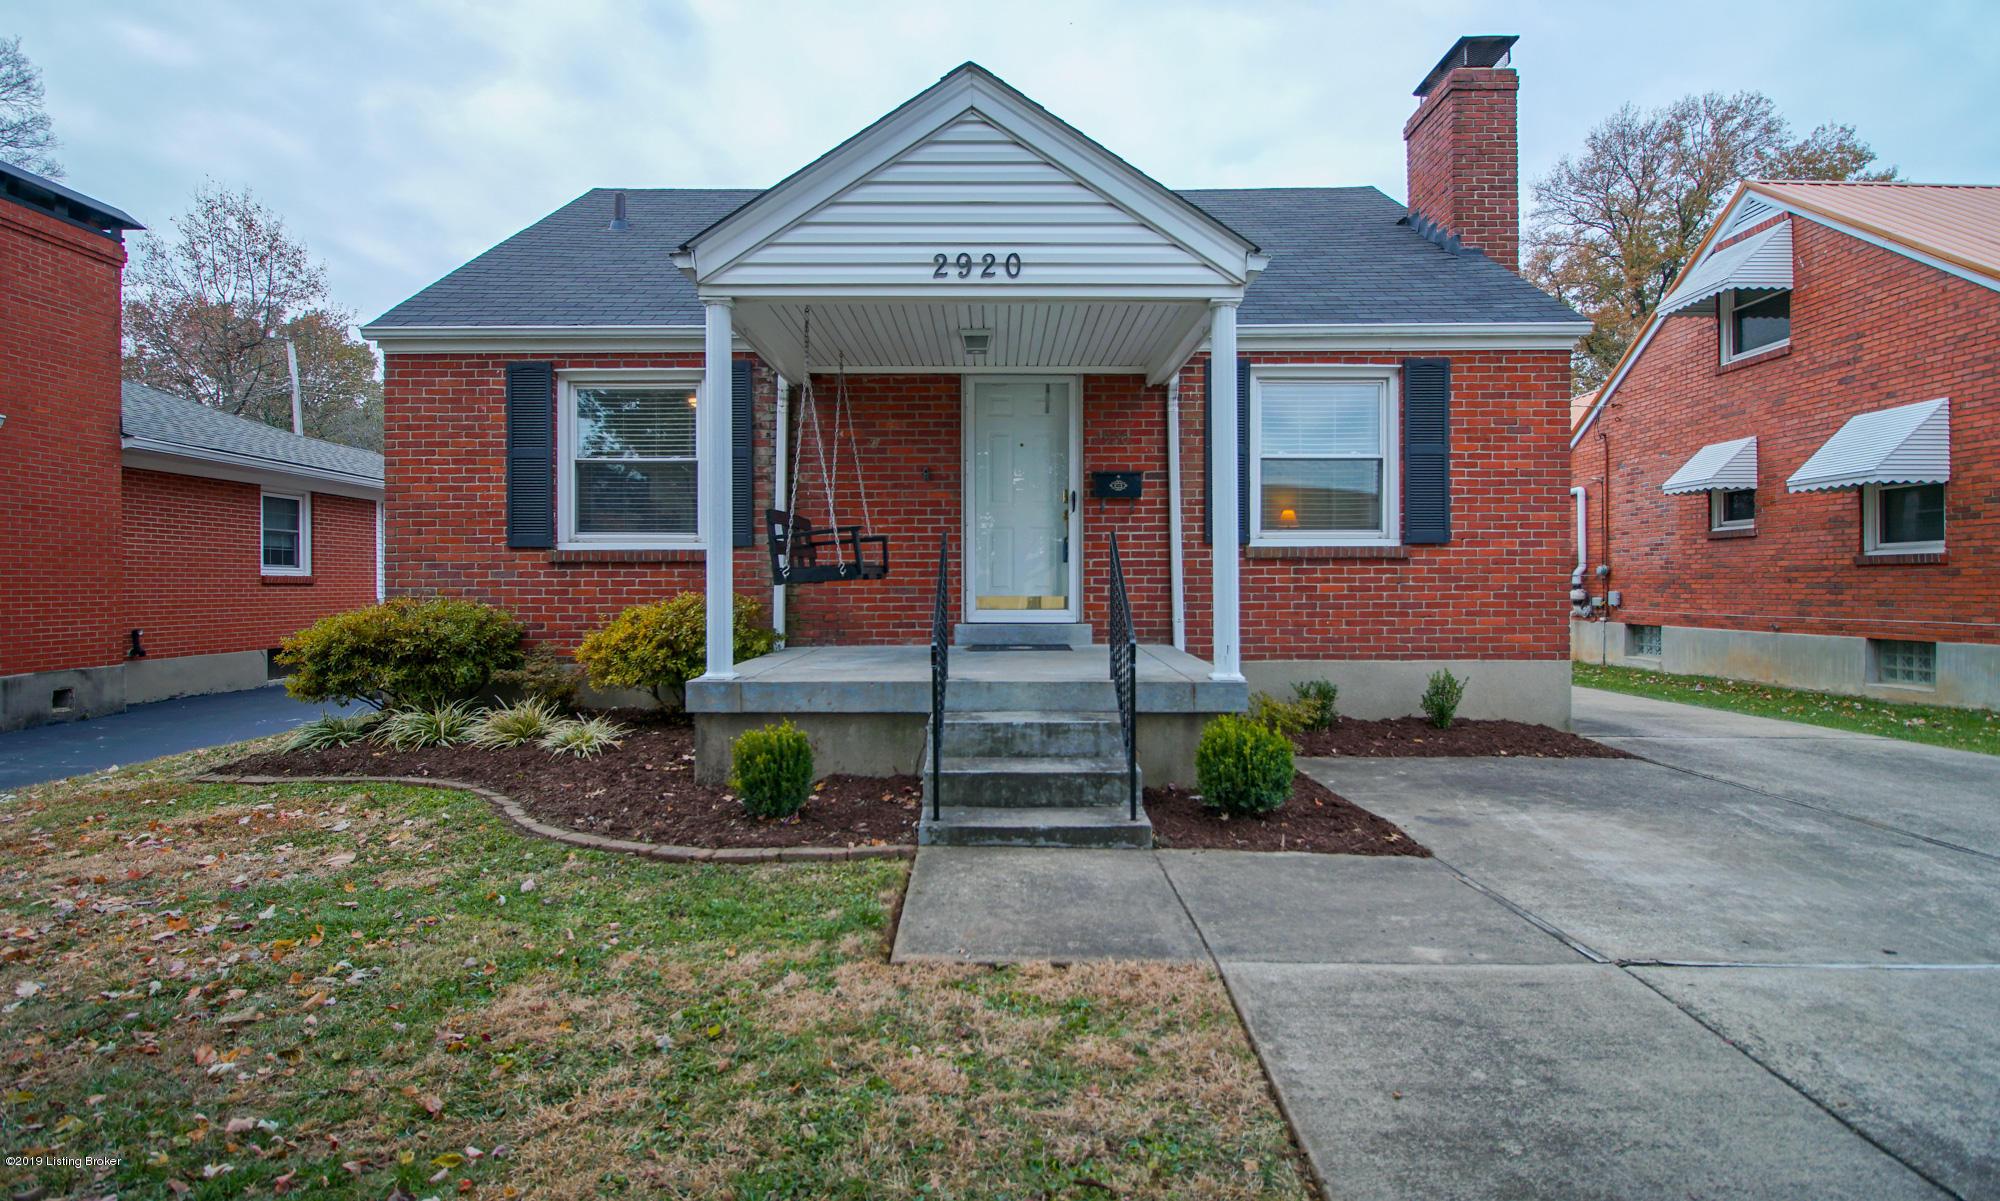 2920 Curran Rd, Louisville, Kentucky 40205